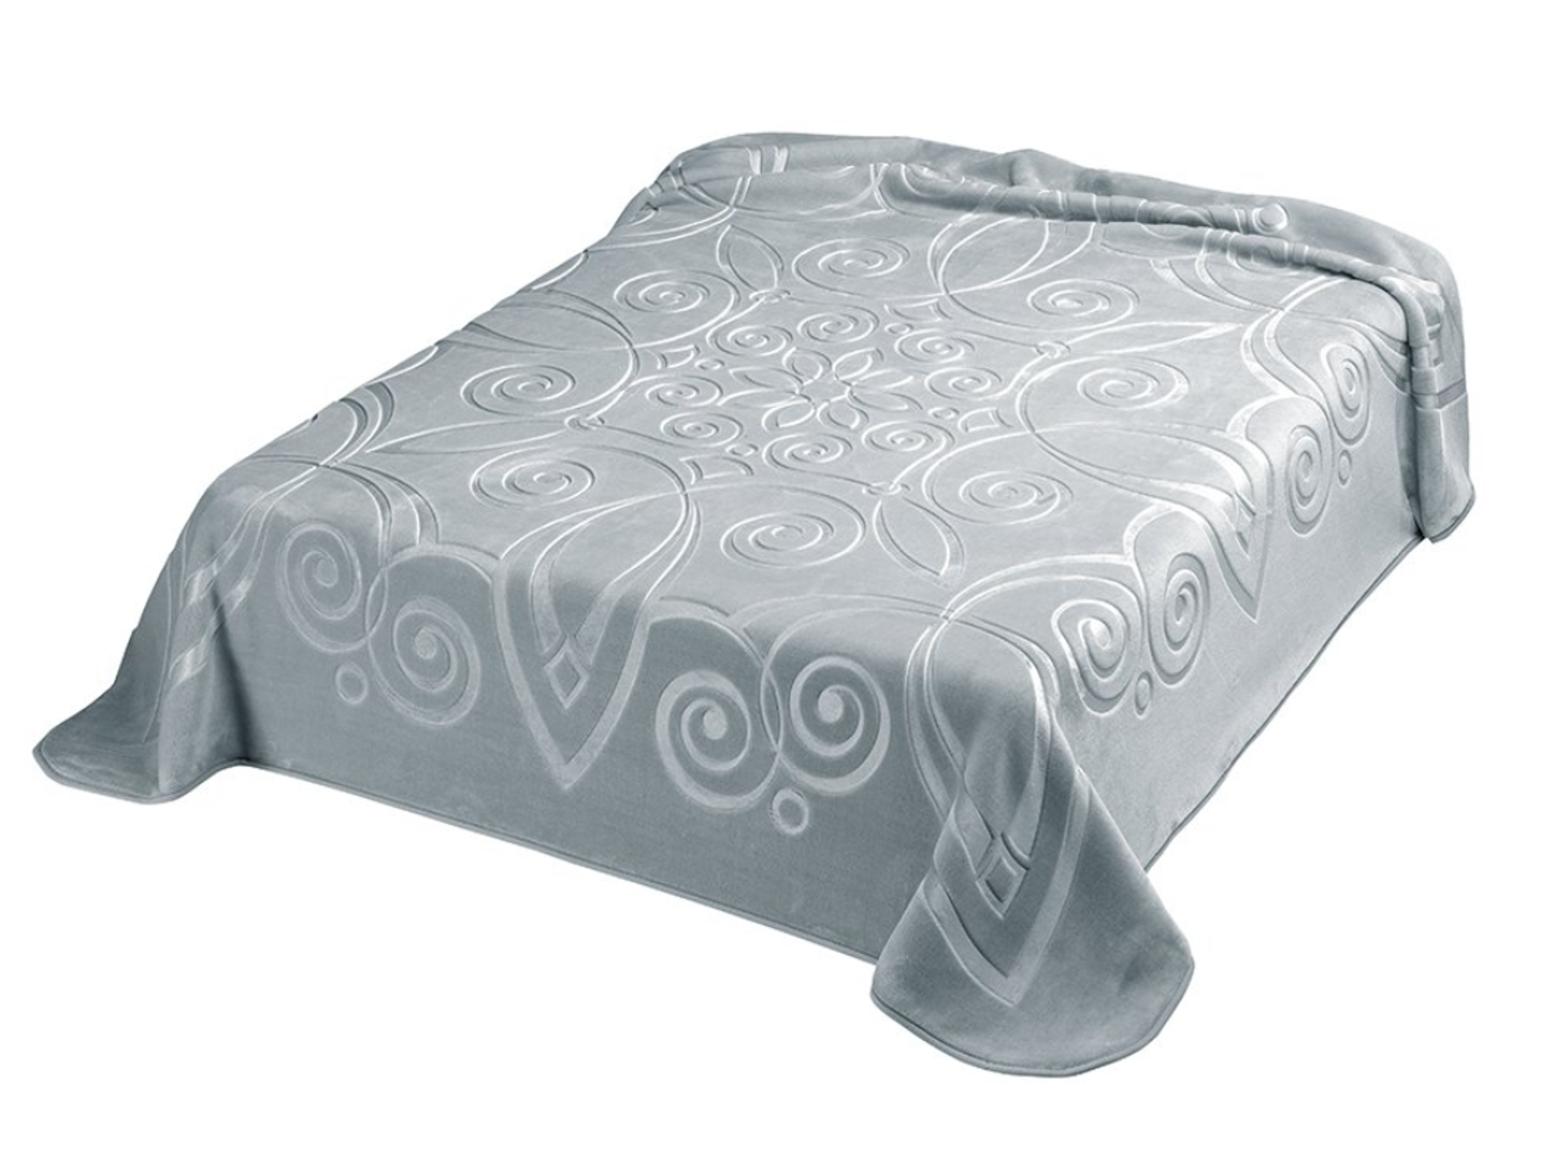 Španělské deky - nově v nabídce i větší velikosti